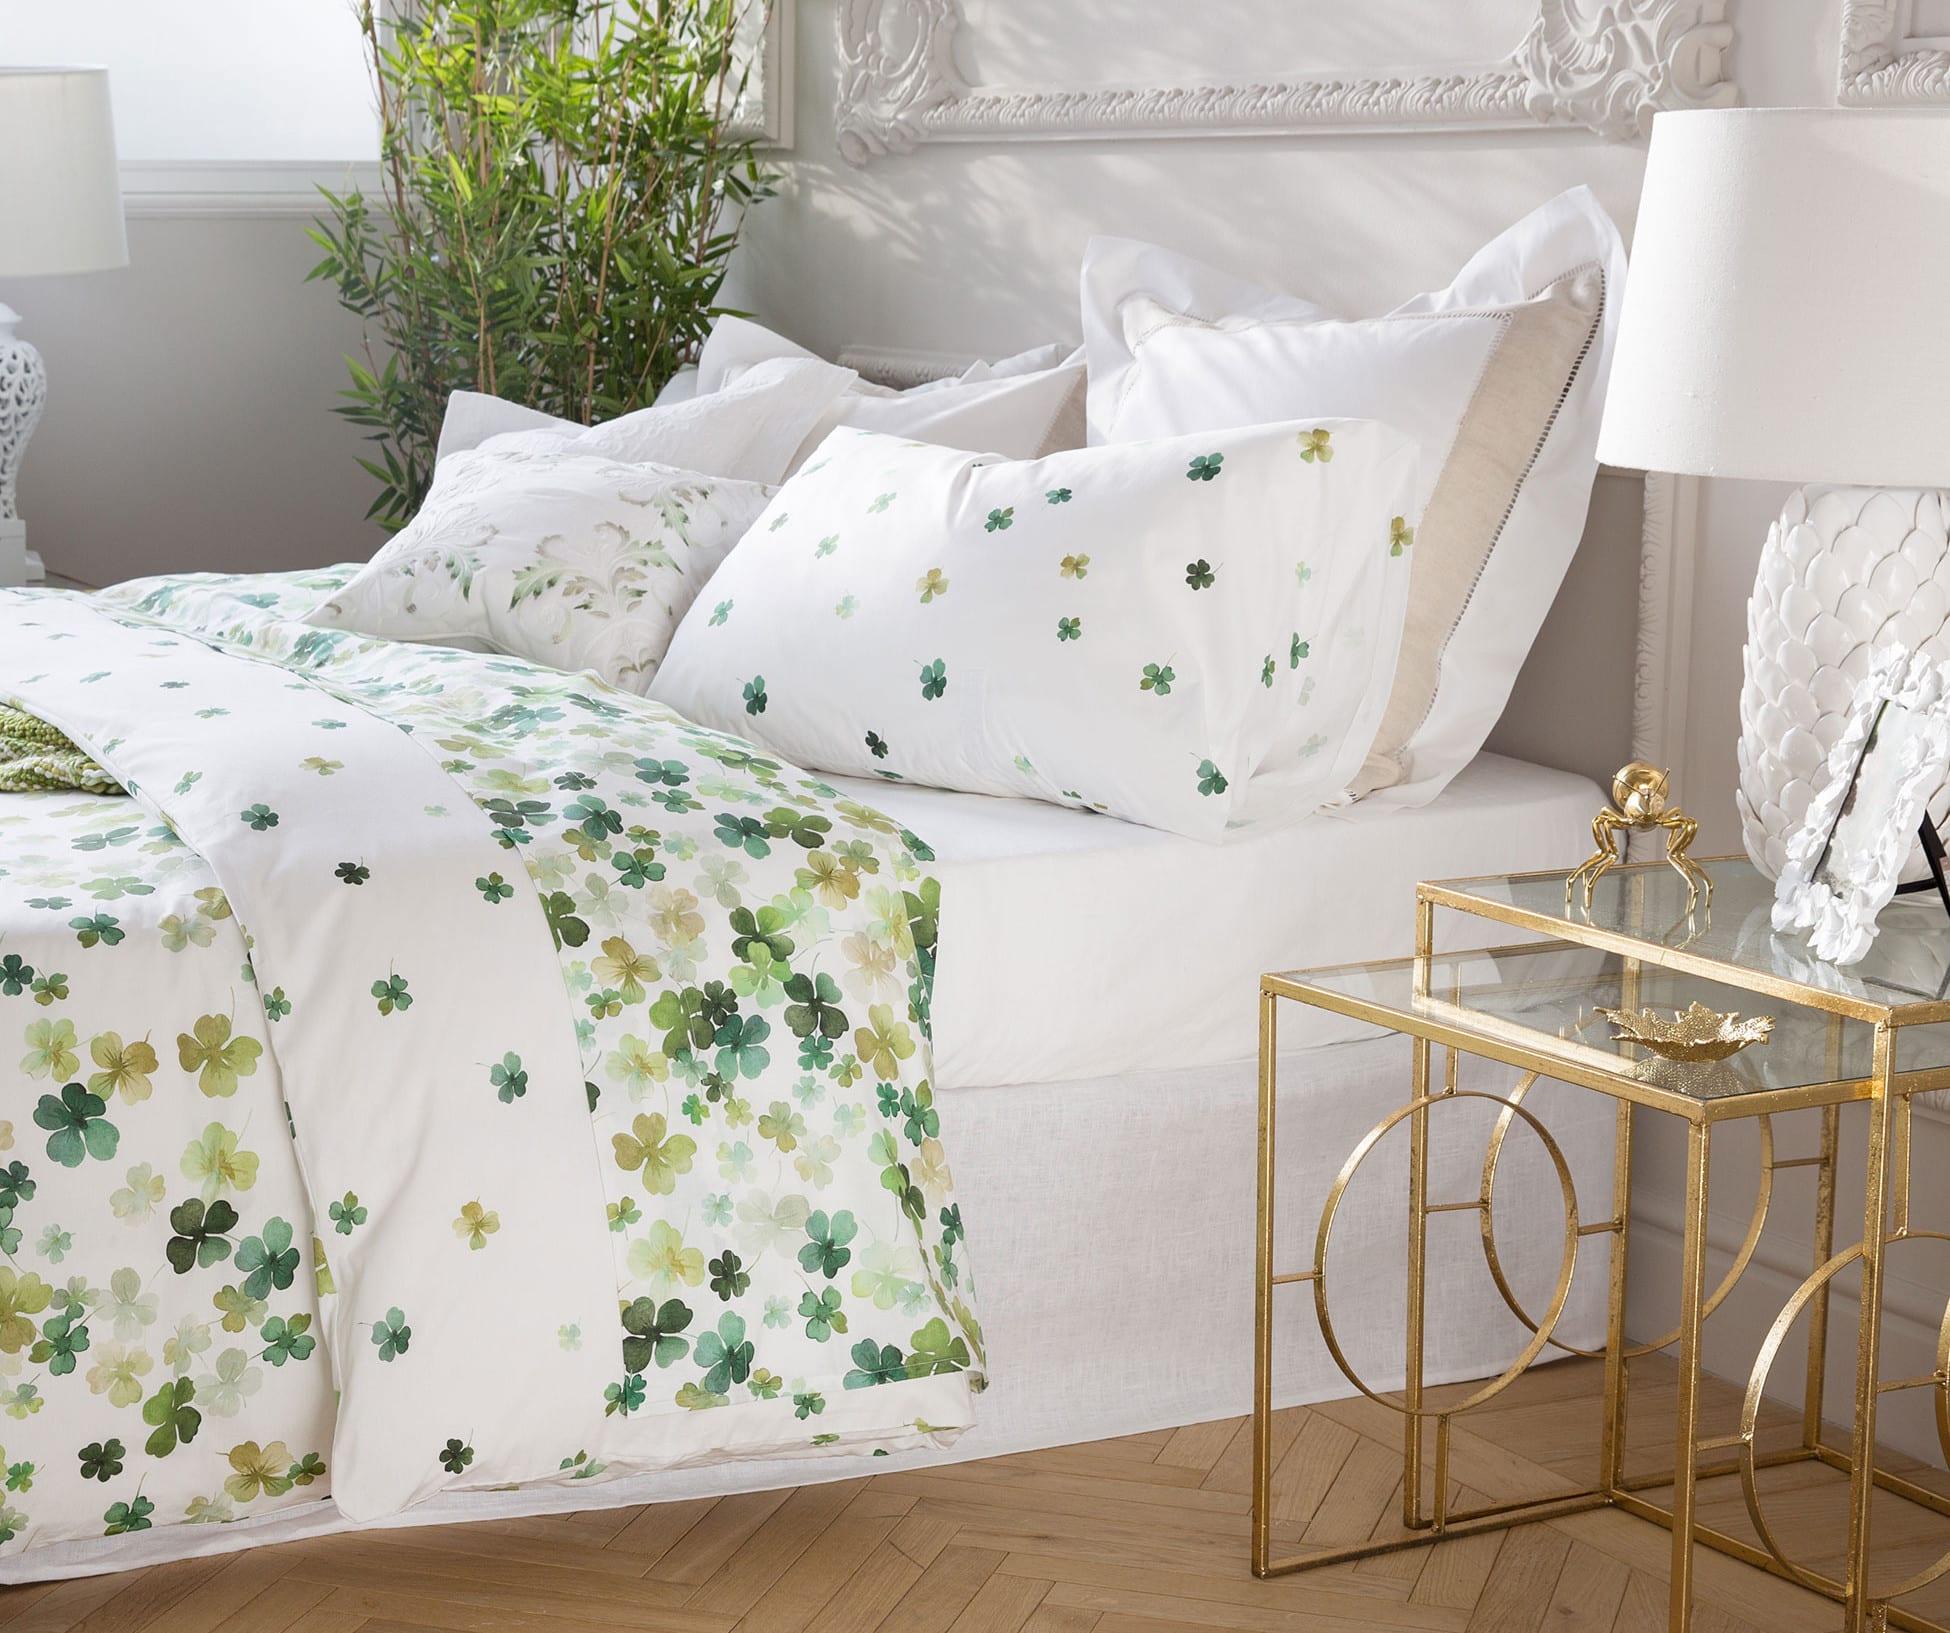 Zara home einrichtungsideen f r schlafzimmer mit zara - Schlafzimmer einrichtungsideen ...